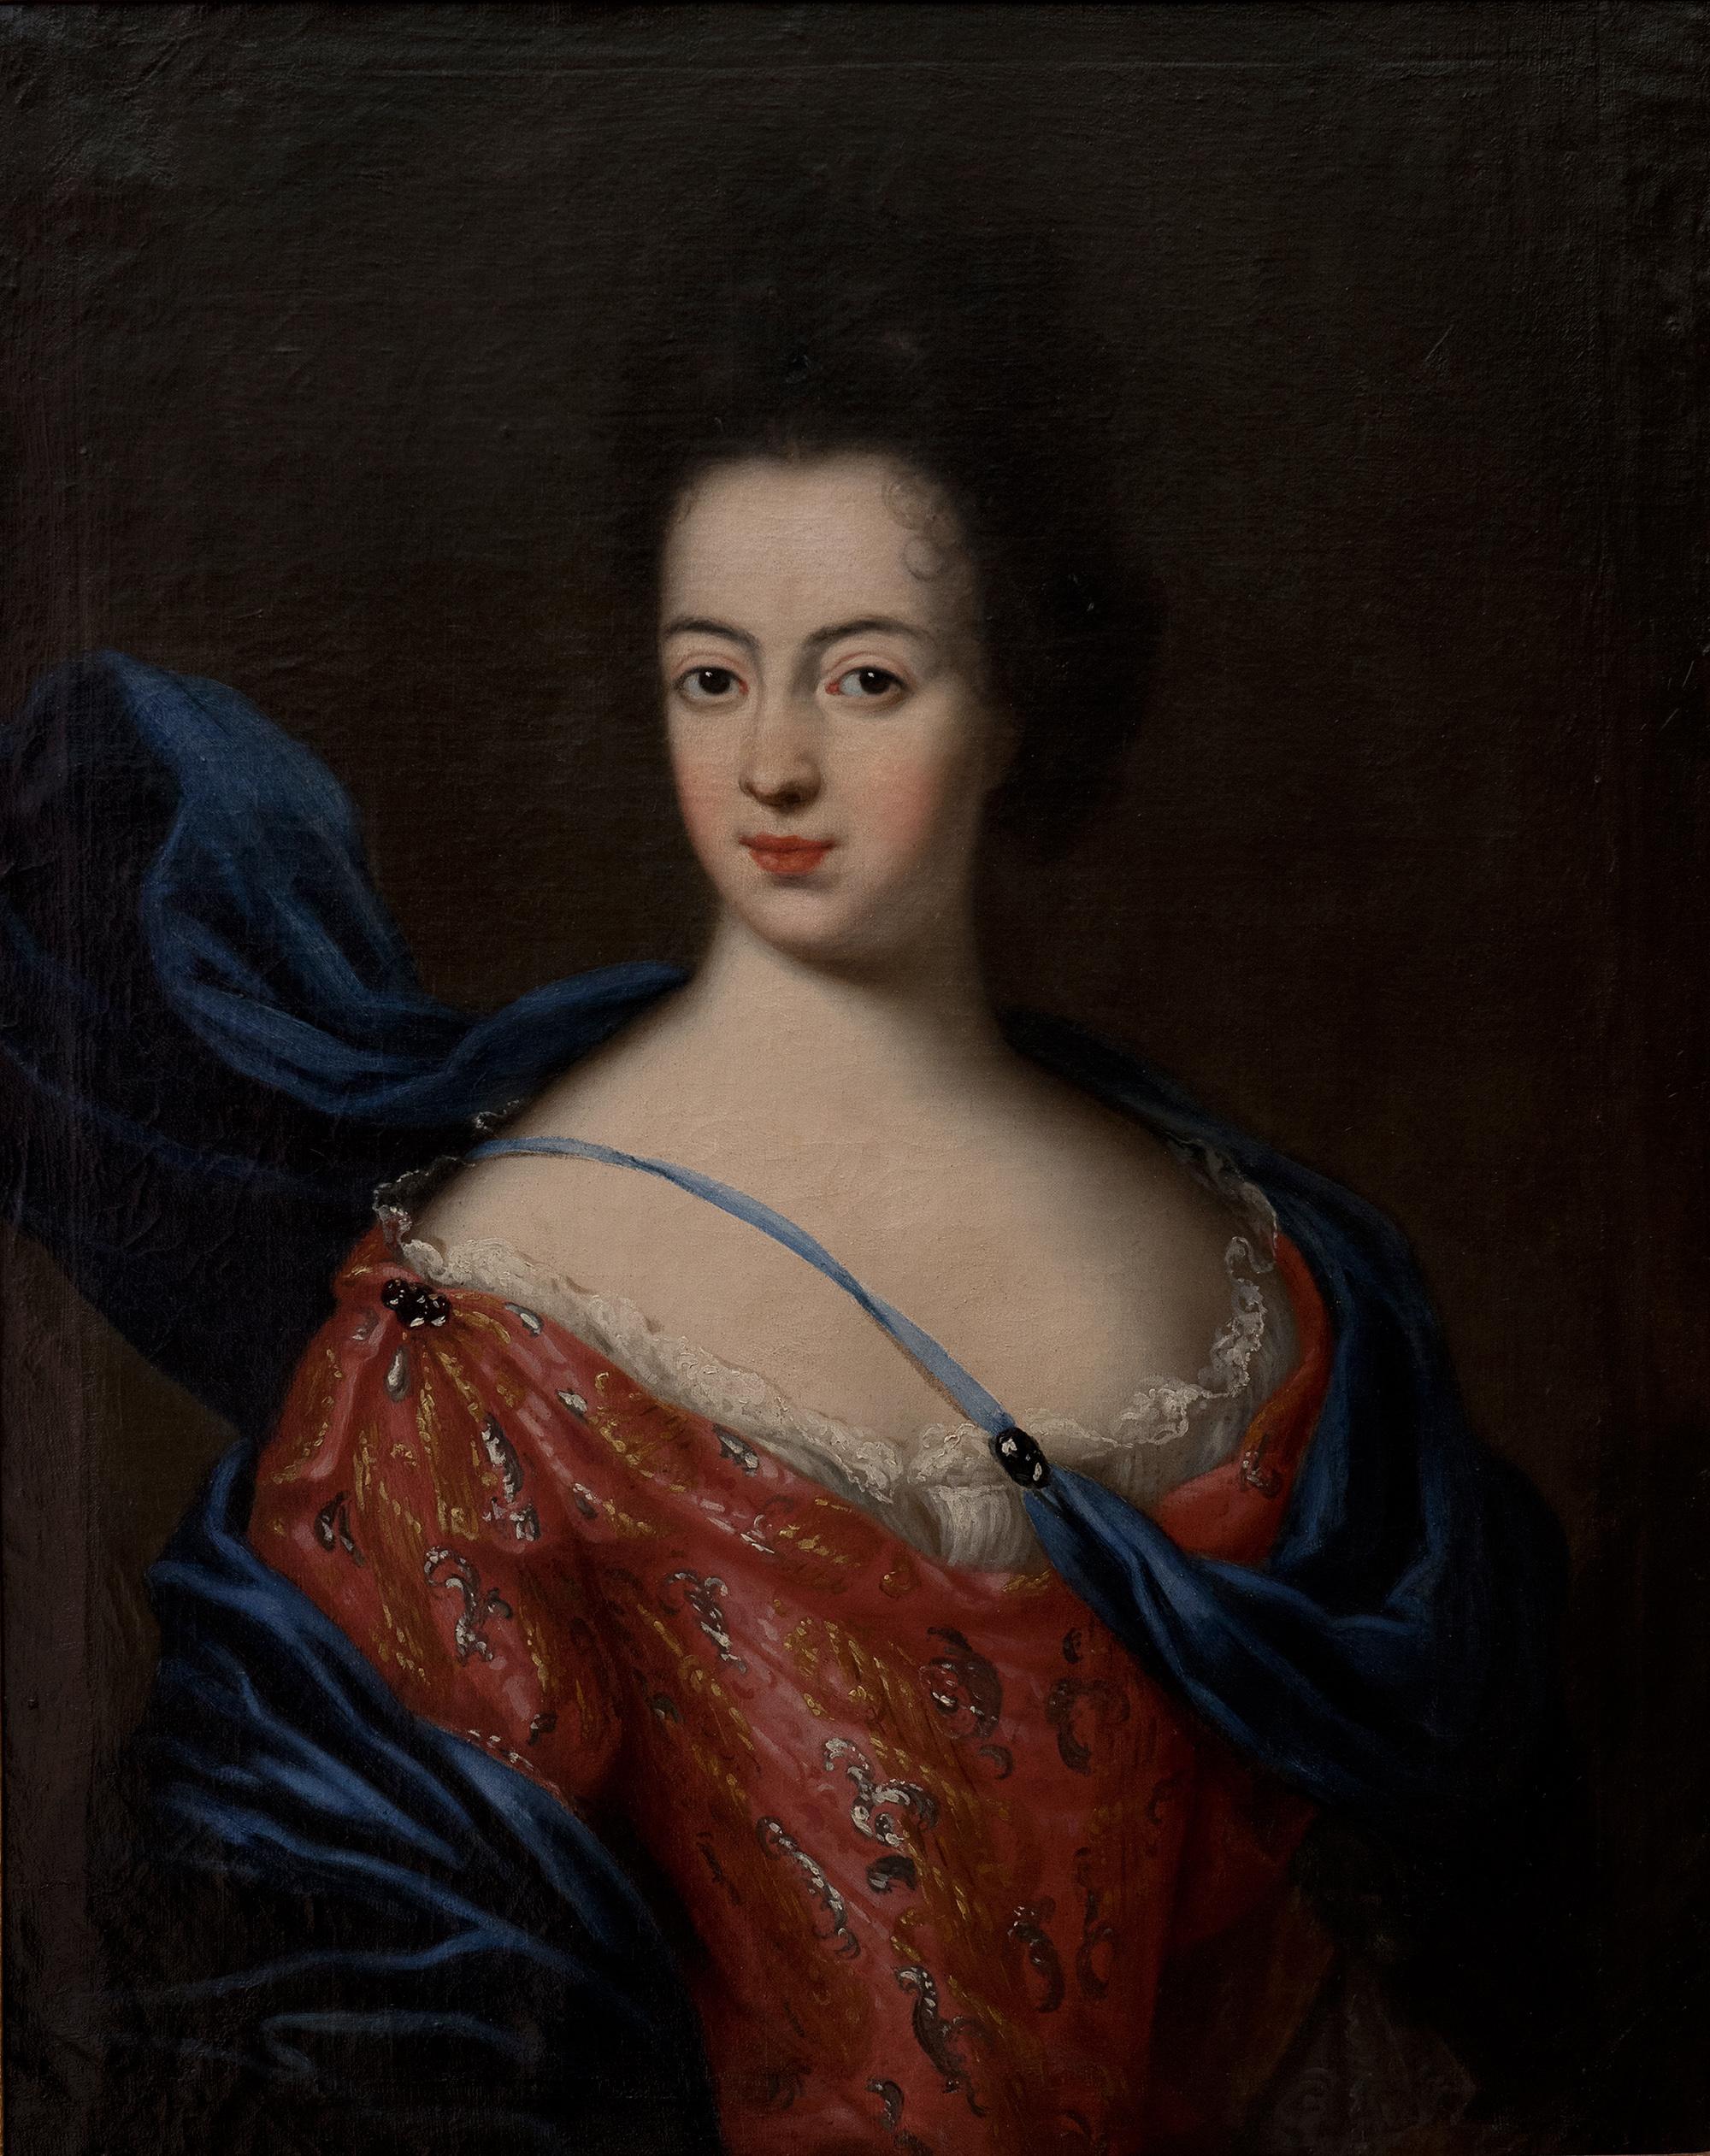 Agneta Wrede. Porträtt (olja på duk, 1692) av David Klöcker Ehrenstrahl (1623-1698). Foto: Jonas Karlsson, Östergötlands museum (B 4731)